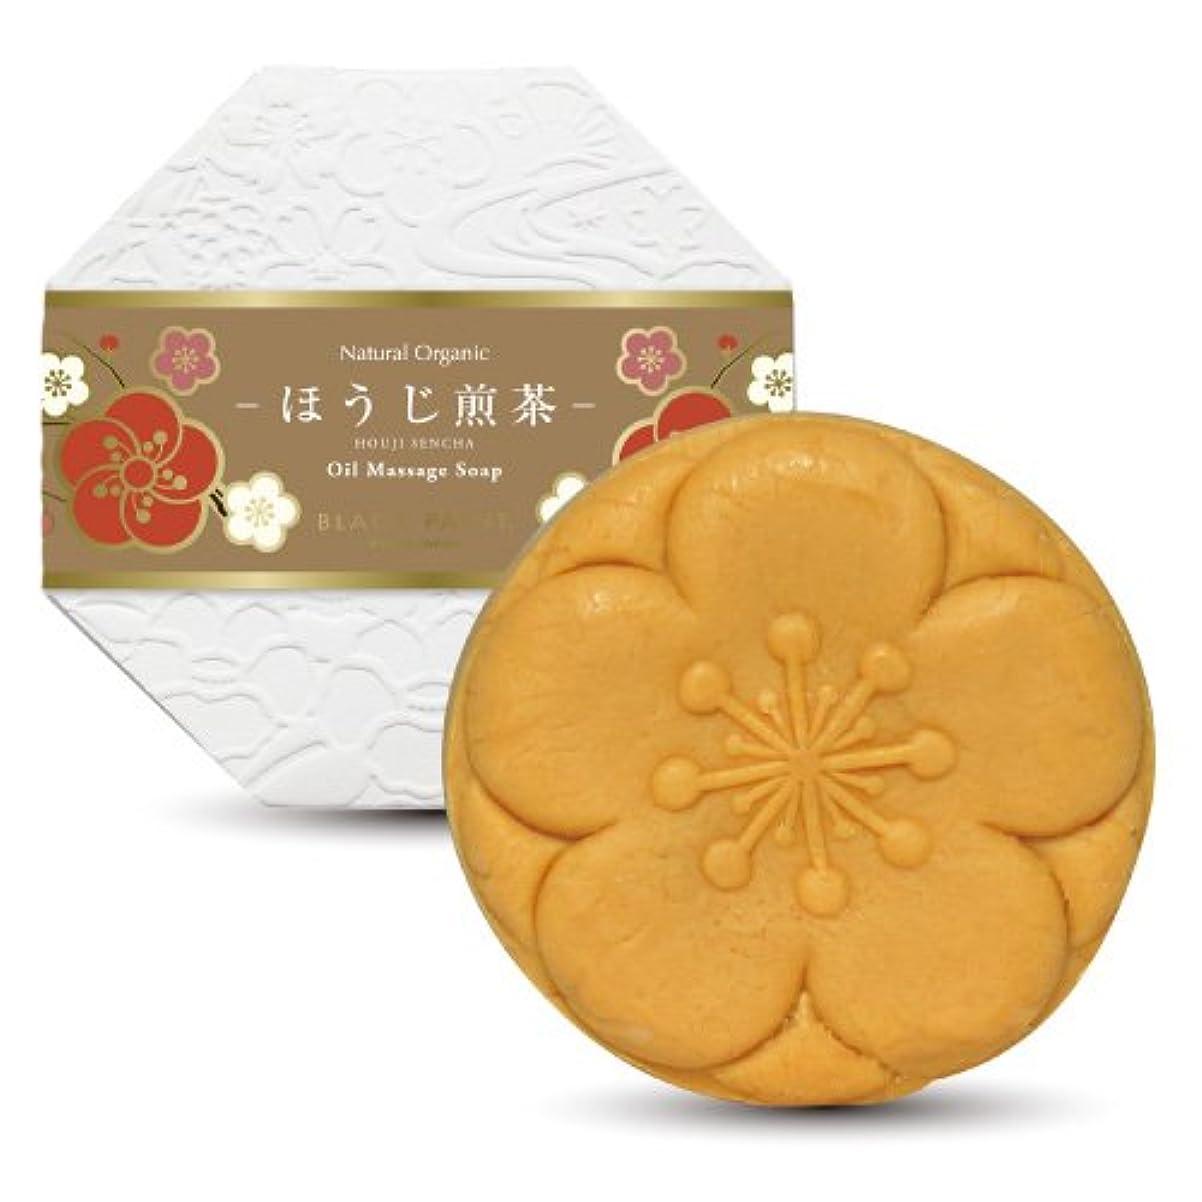 落胆する動詞織る京のお茶石鹸 ほうじ煎茶 120g 塗る石鹸